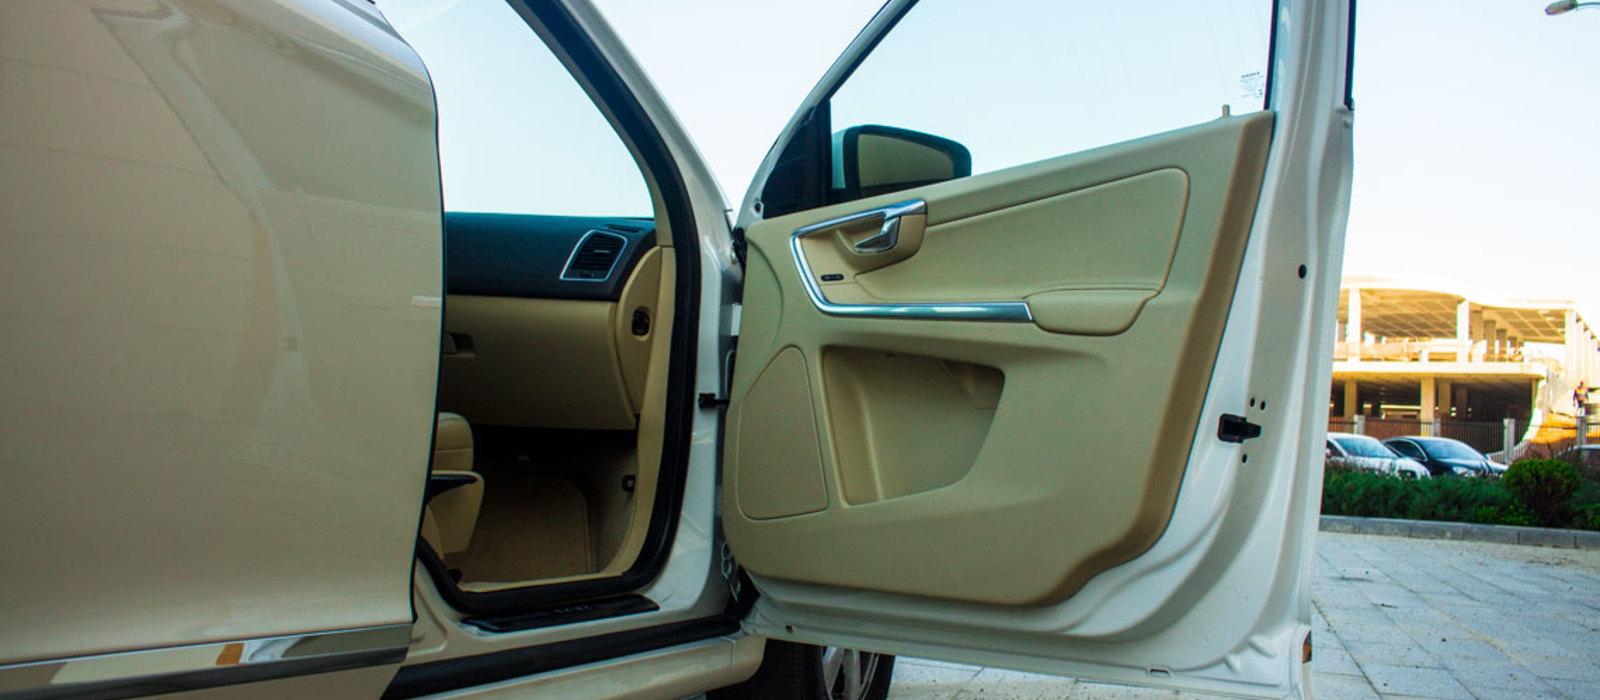 ikinci el araba 2016 Volvo XC 60 2.0 D4 Advance Dizel Otomatik 31240 KM 8